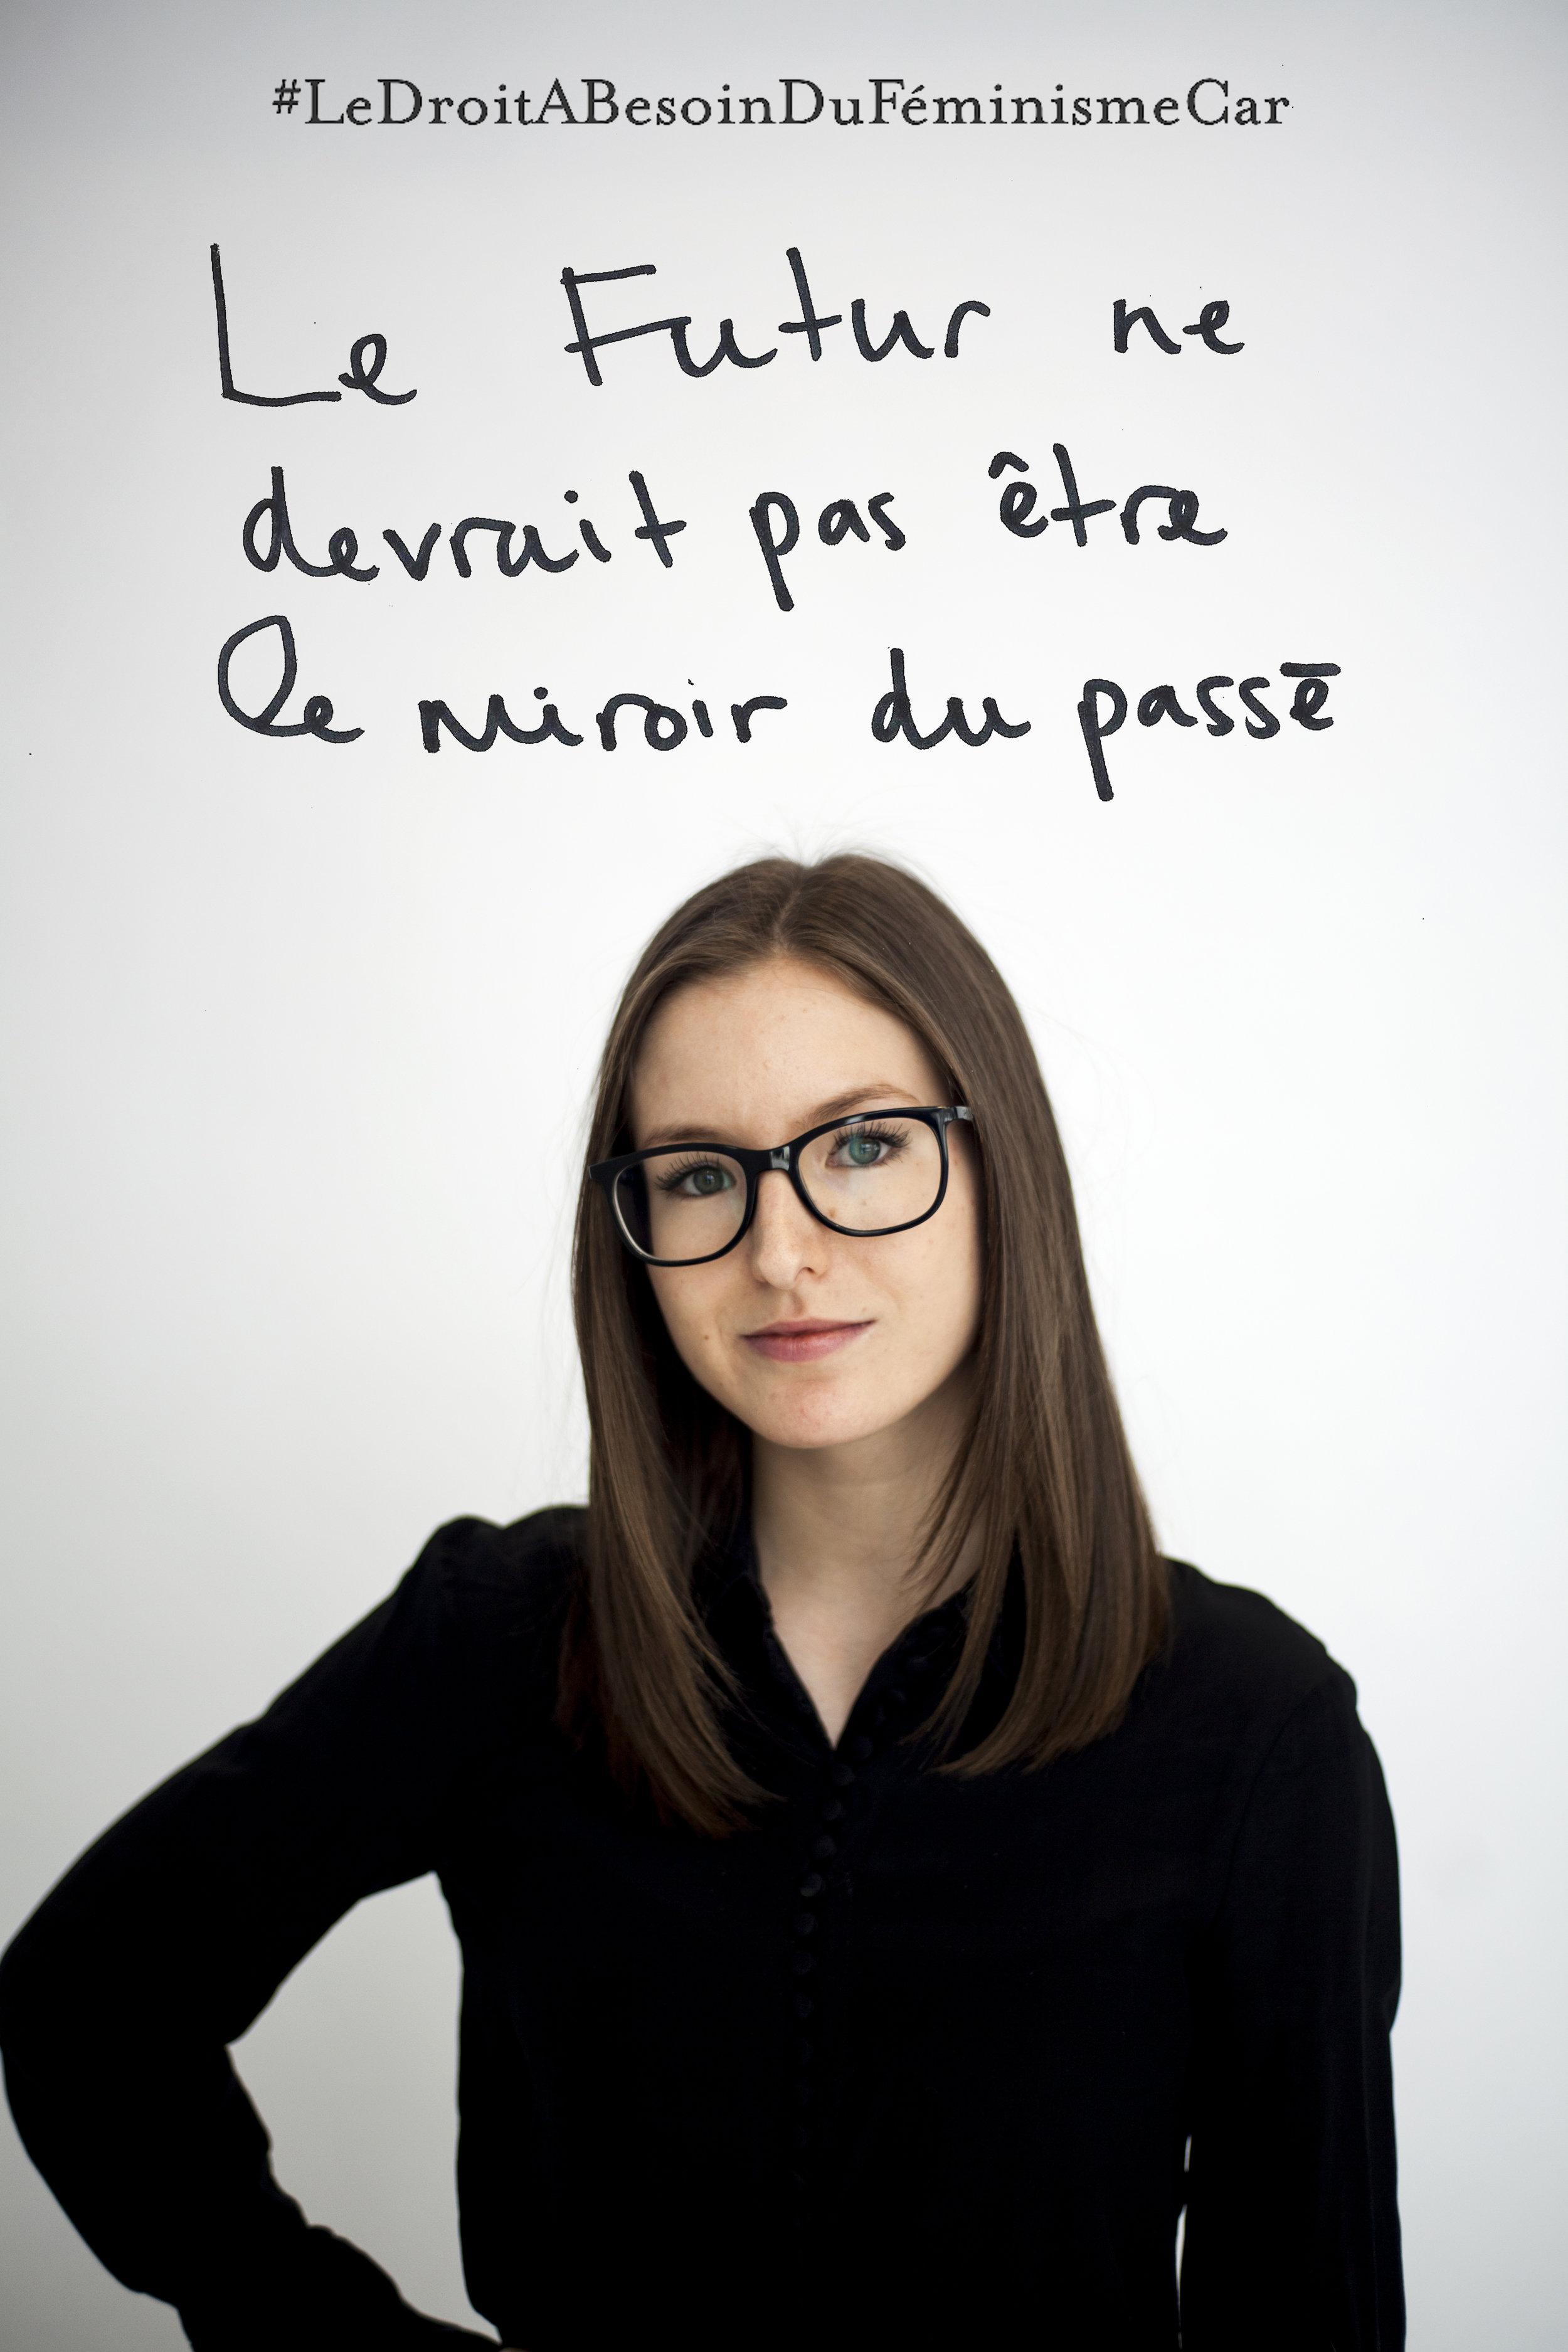 Chanel Provost.jpg